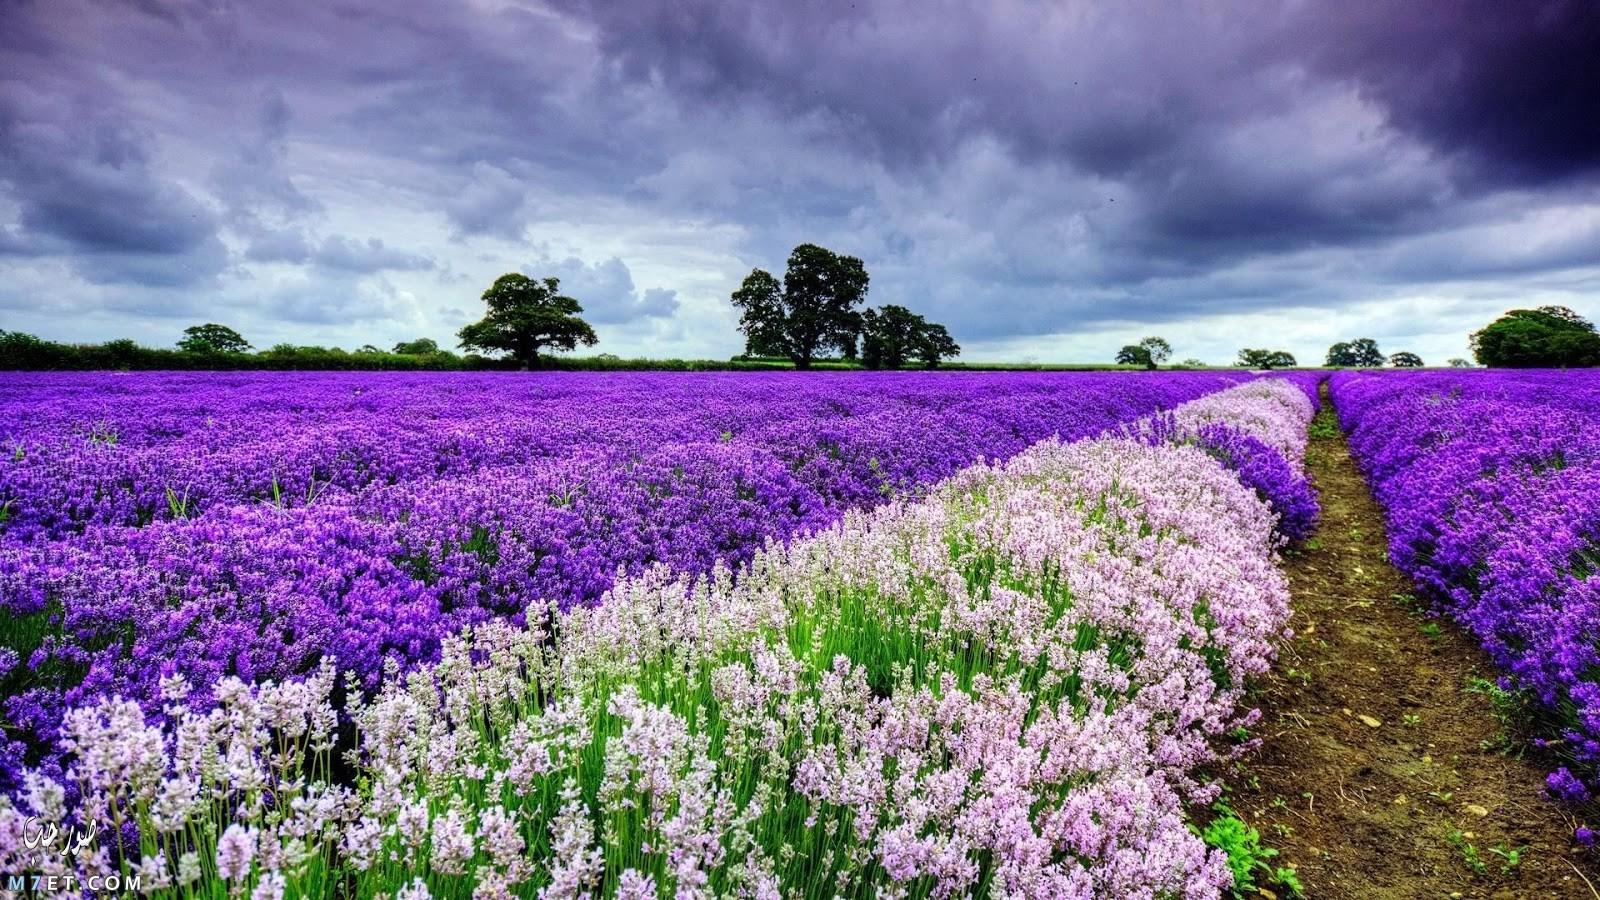 اجمل صور الطبيعة الخلابة 24